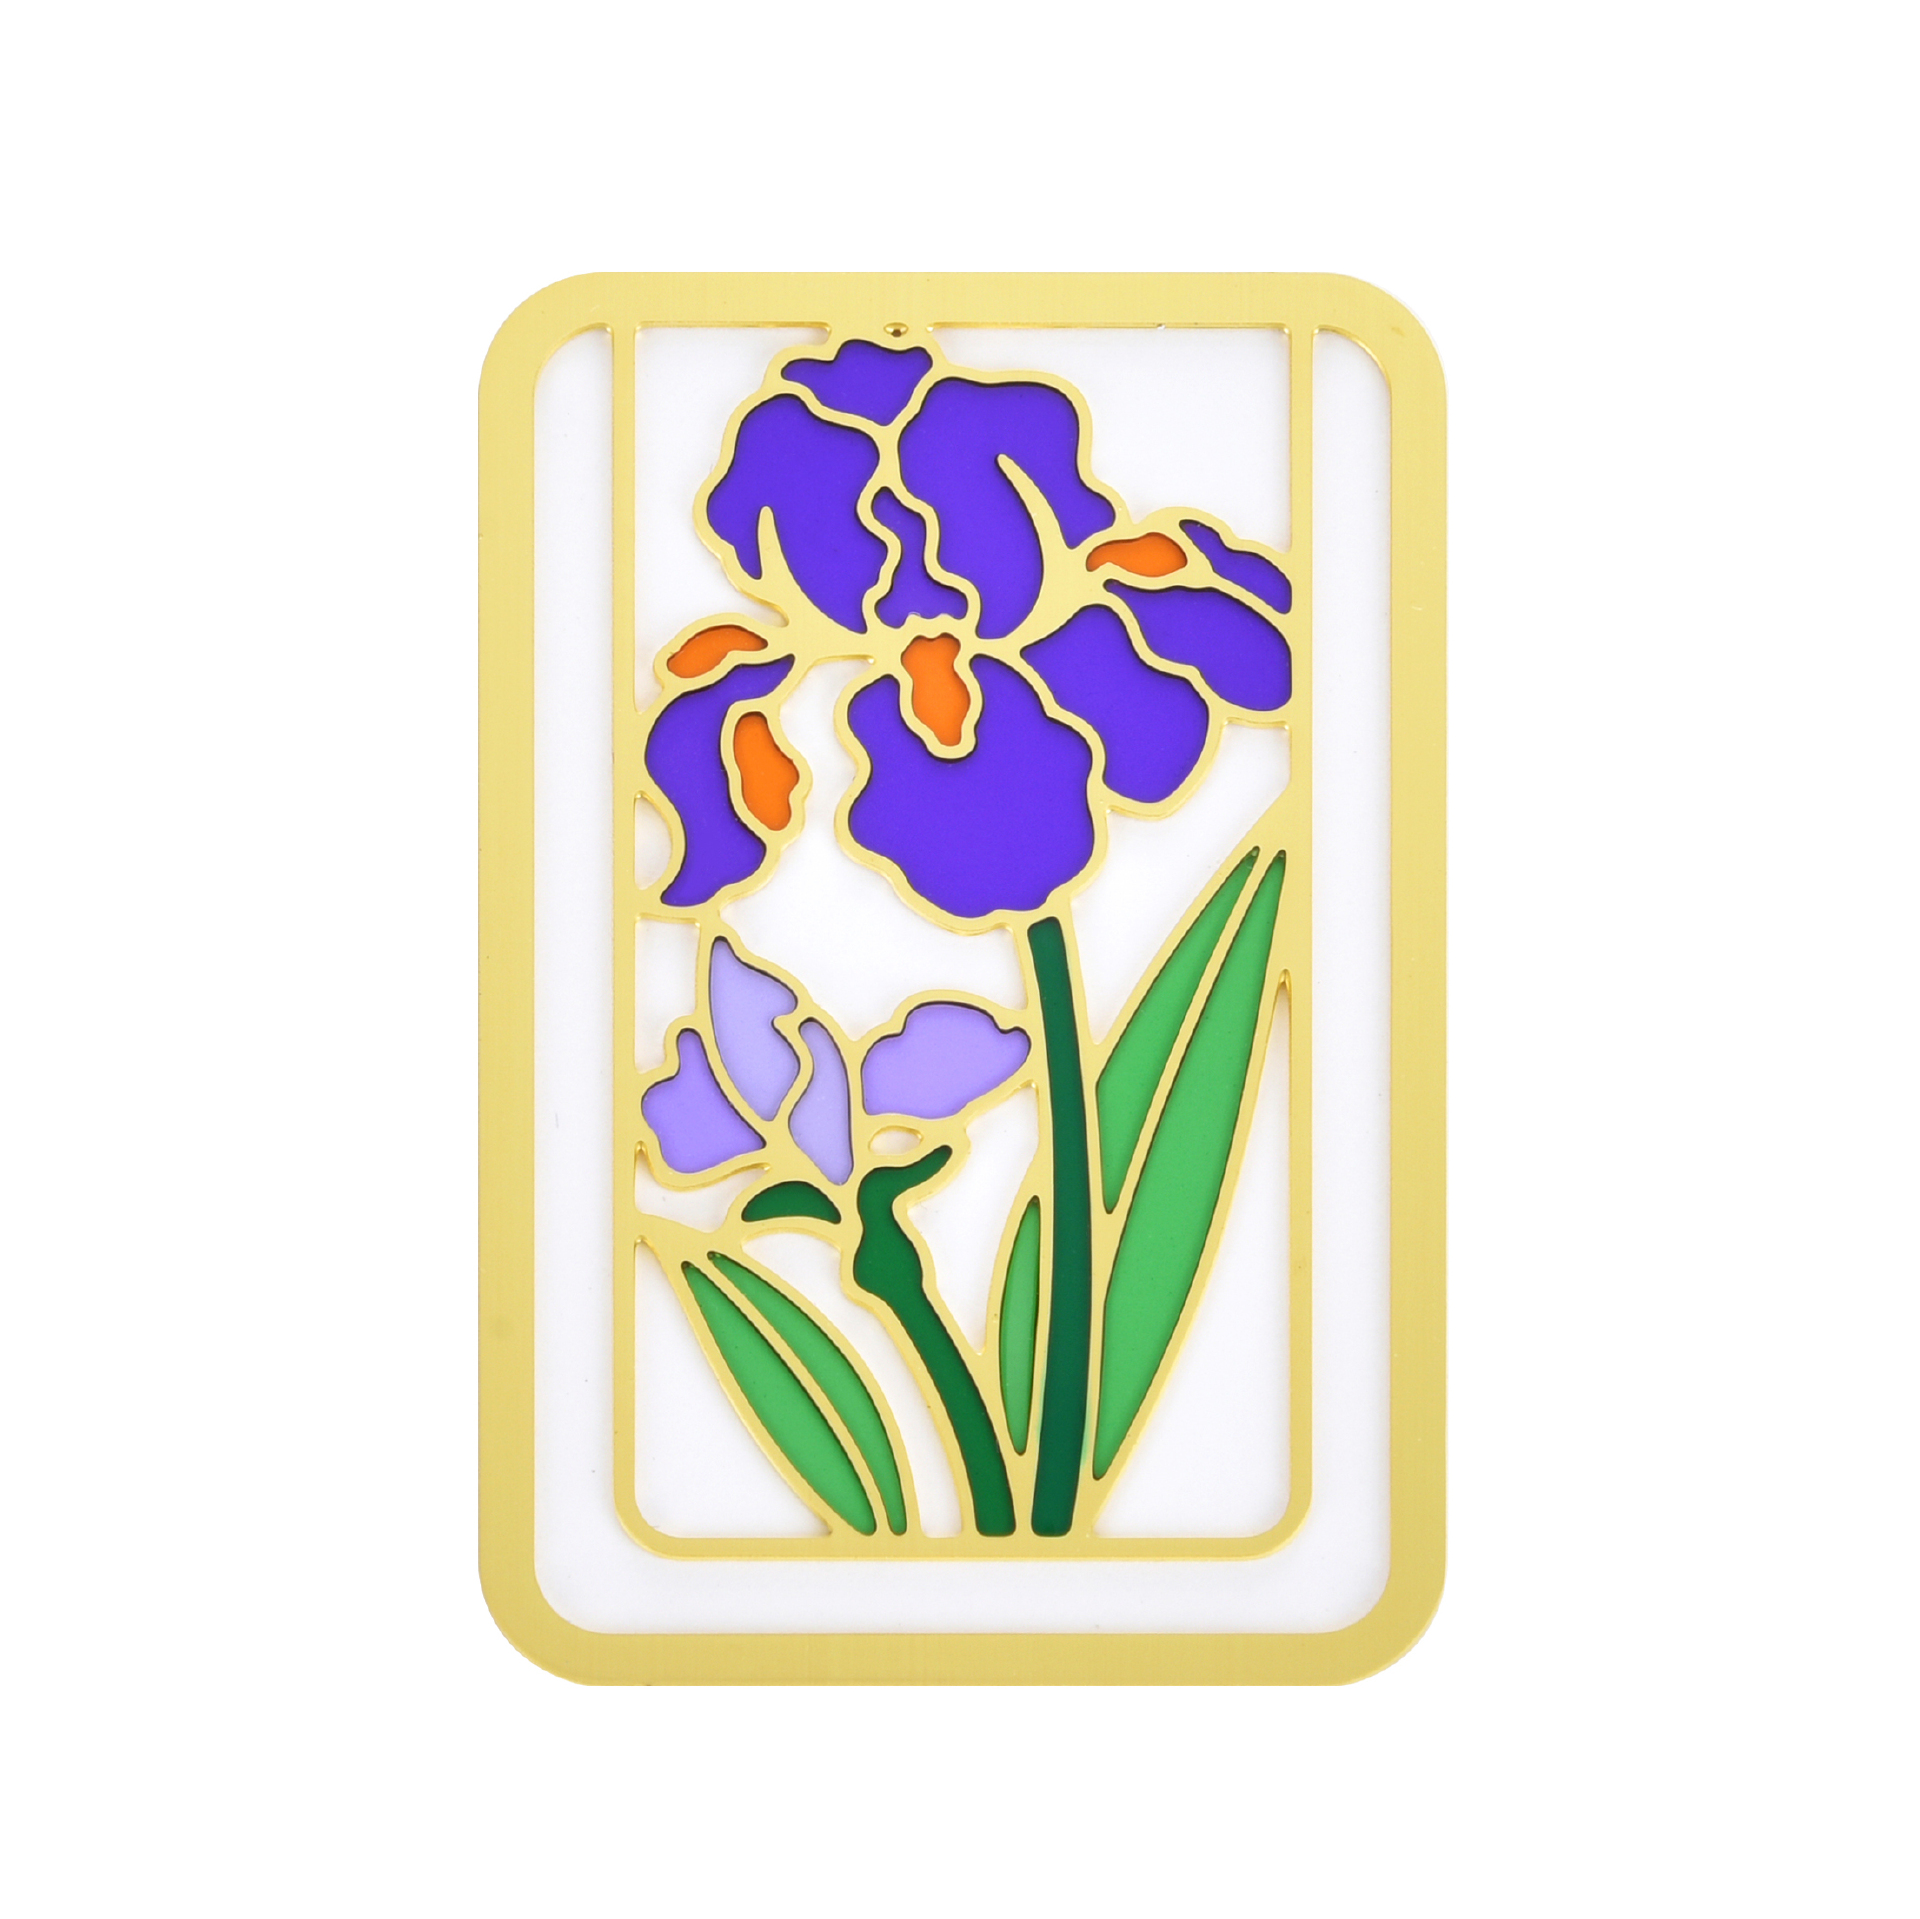 Golden frame color book holder BK17005B